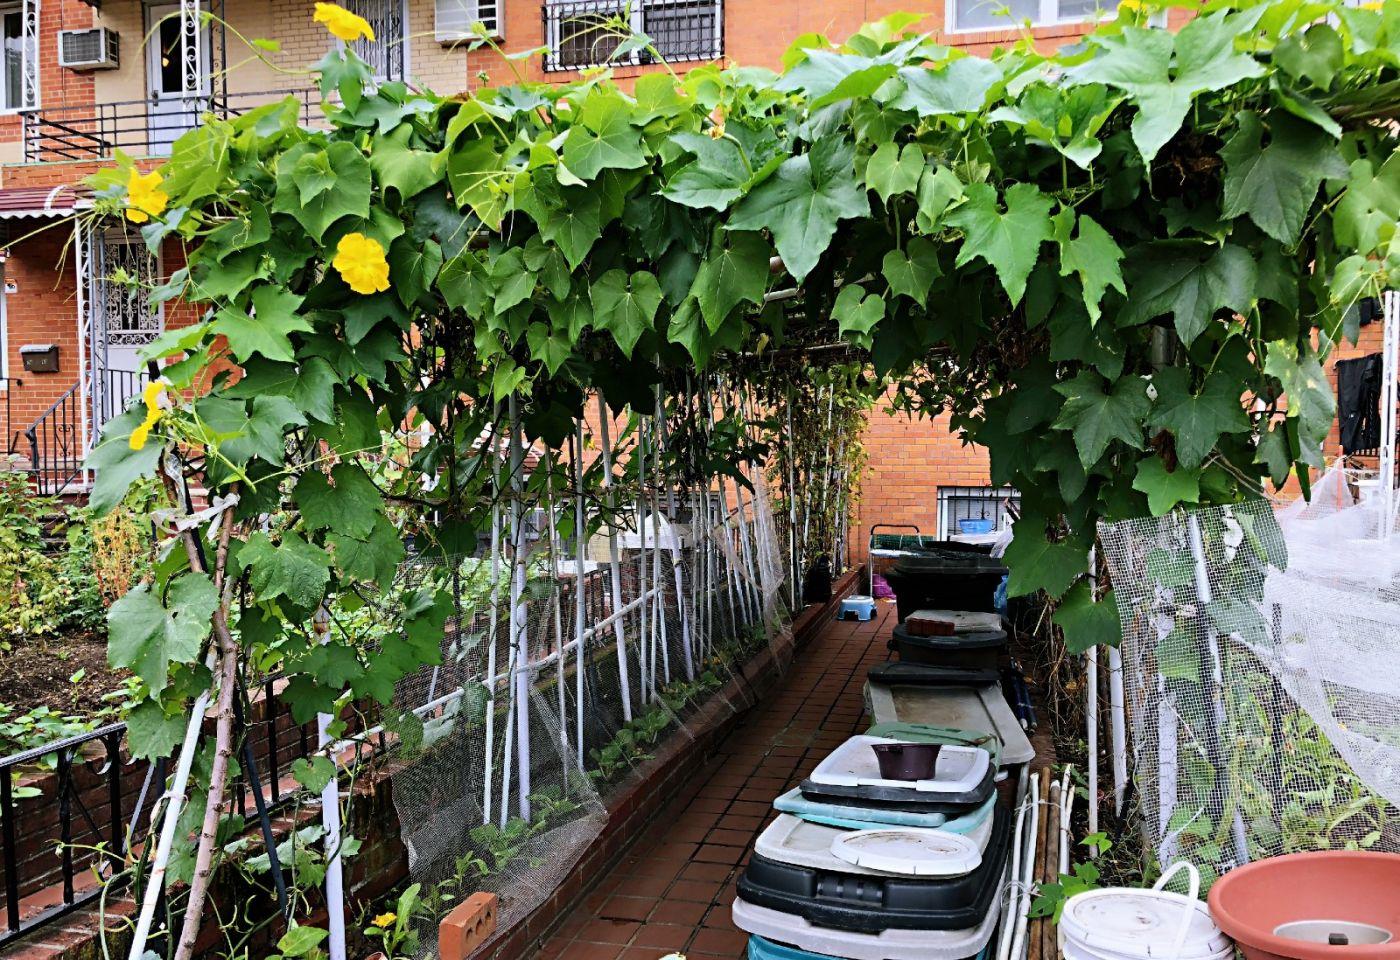 【田螺随拍】路边窗前的小菜园子_图1-15